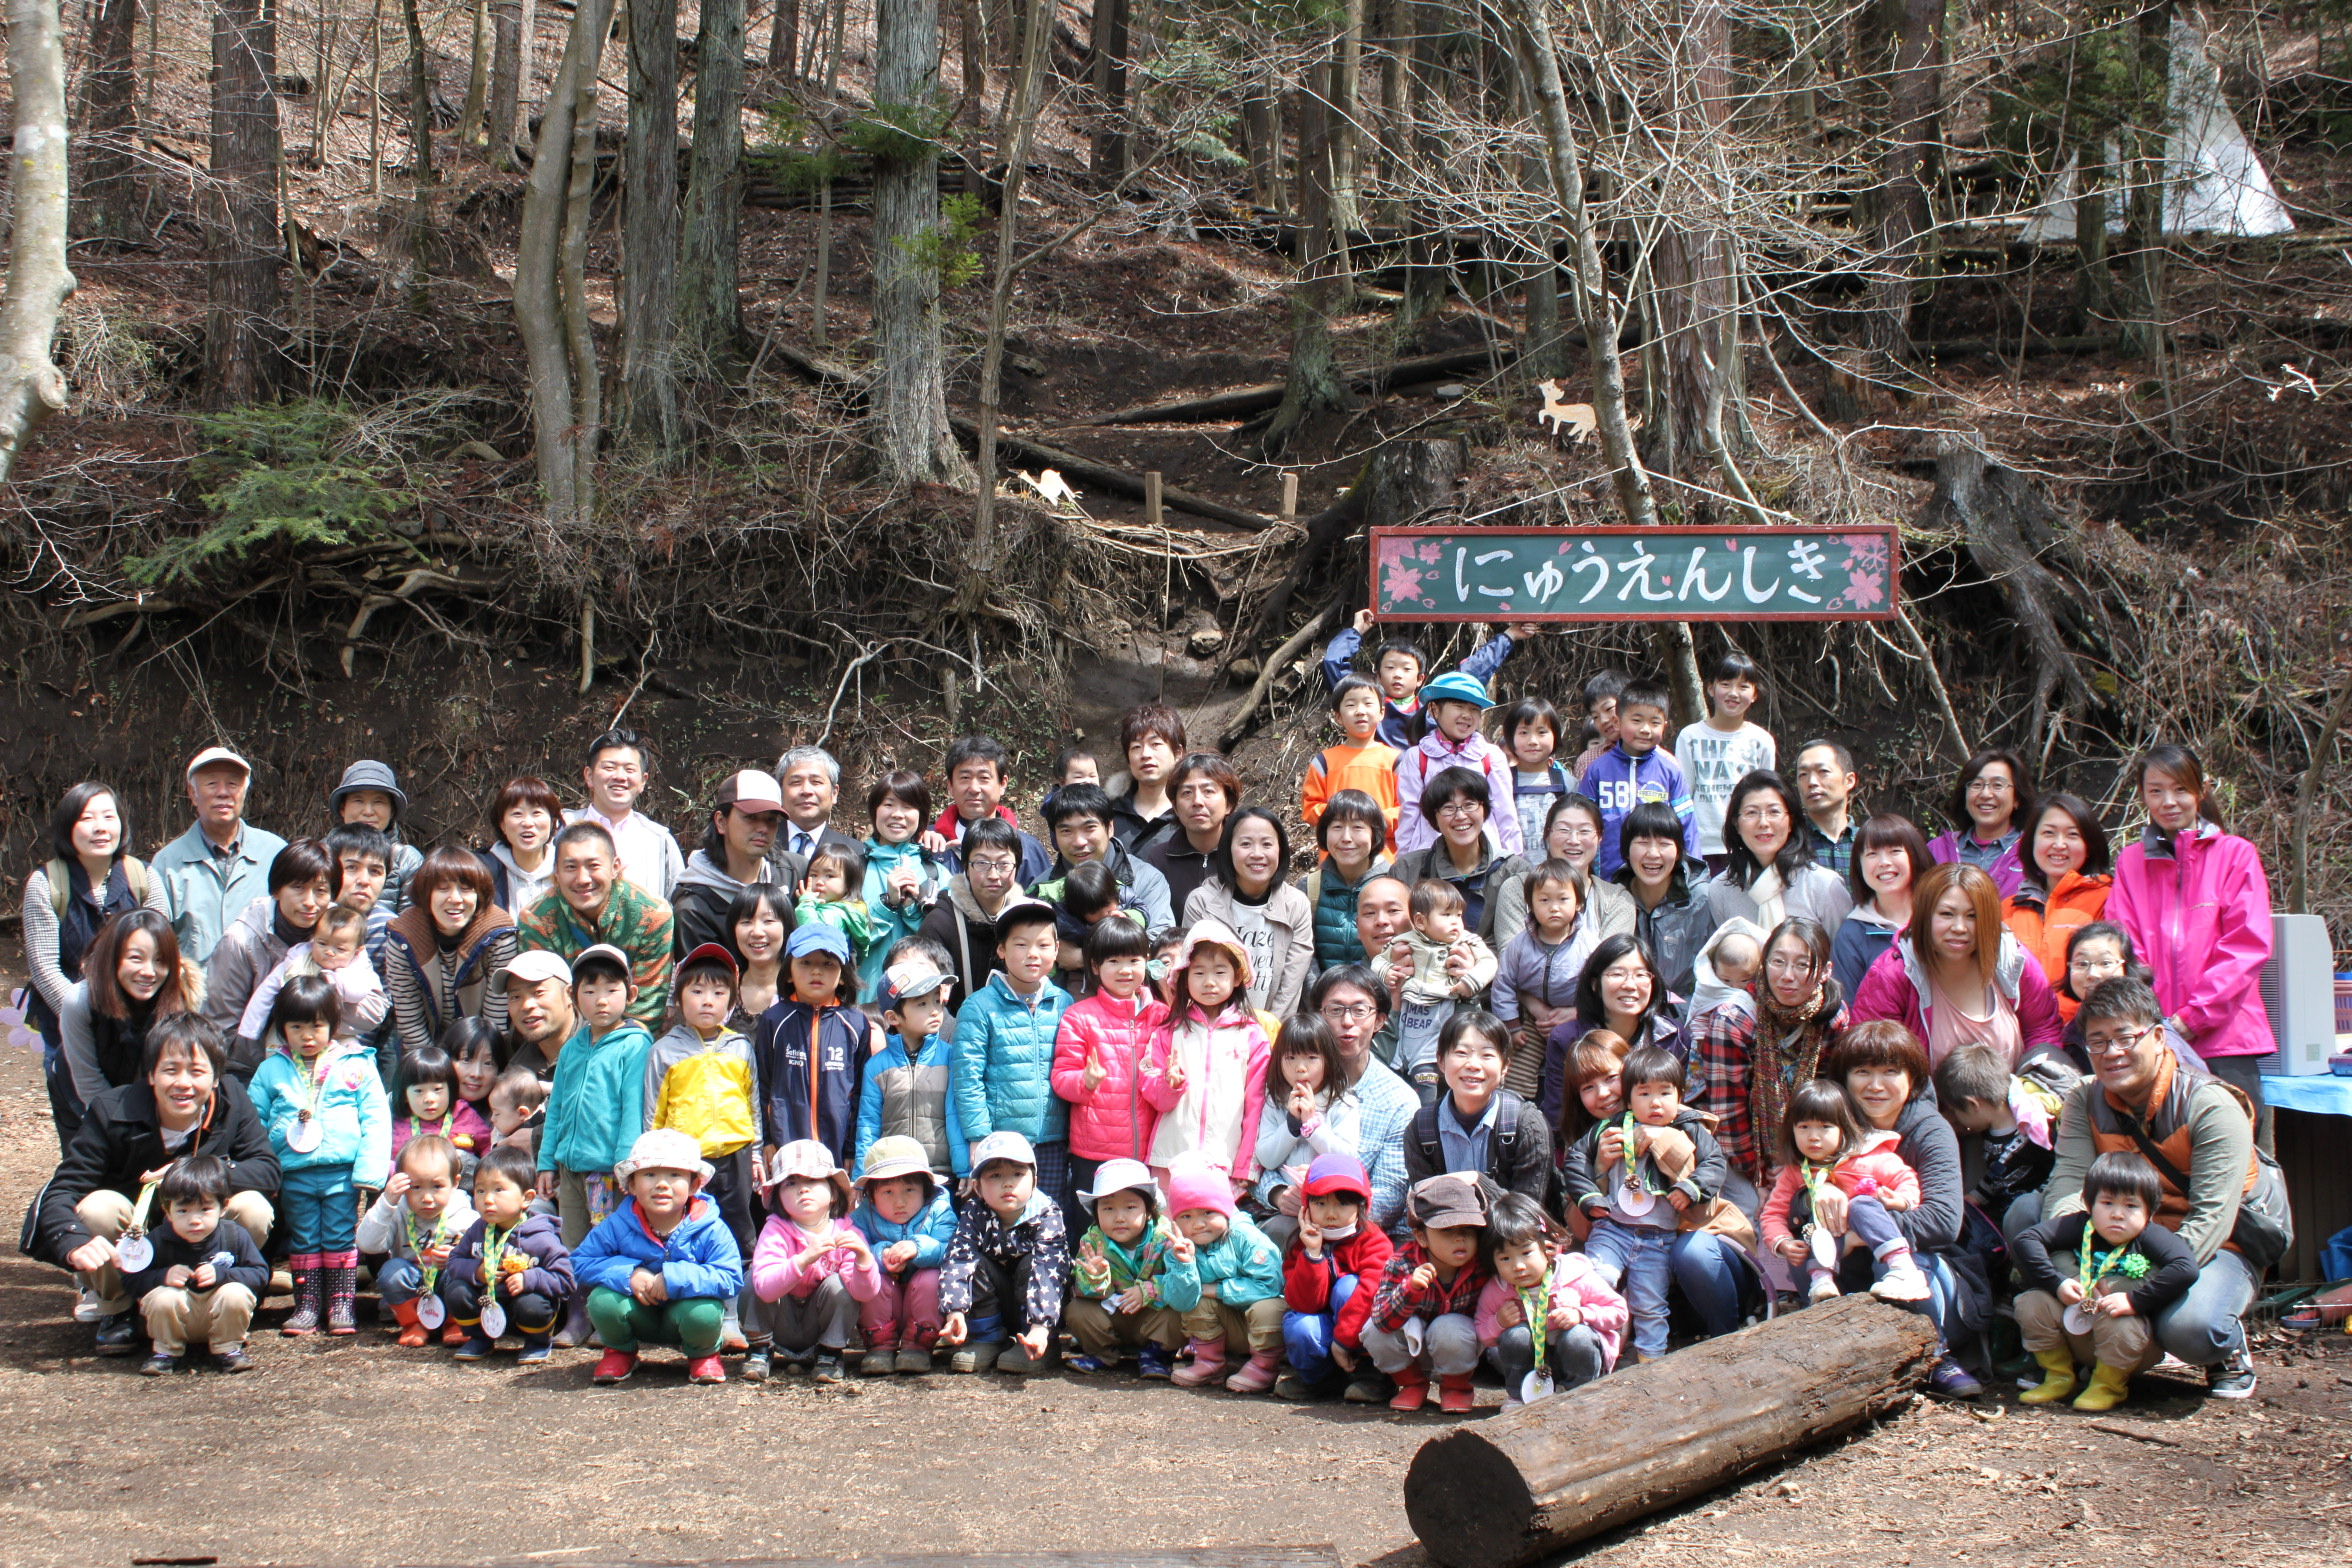 【正規職員】 追加募集 Fujiこどもの家バンビーノの森